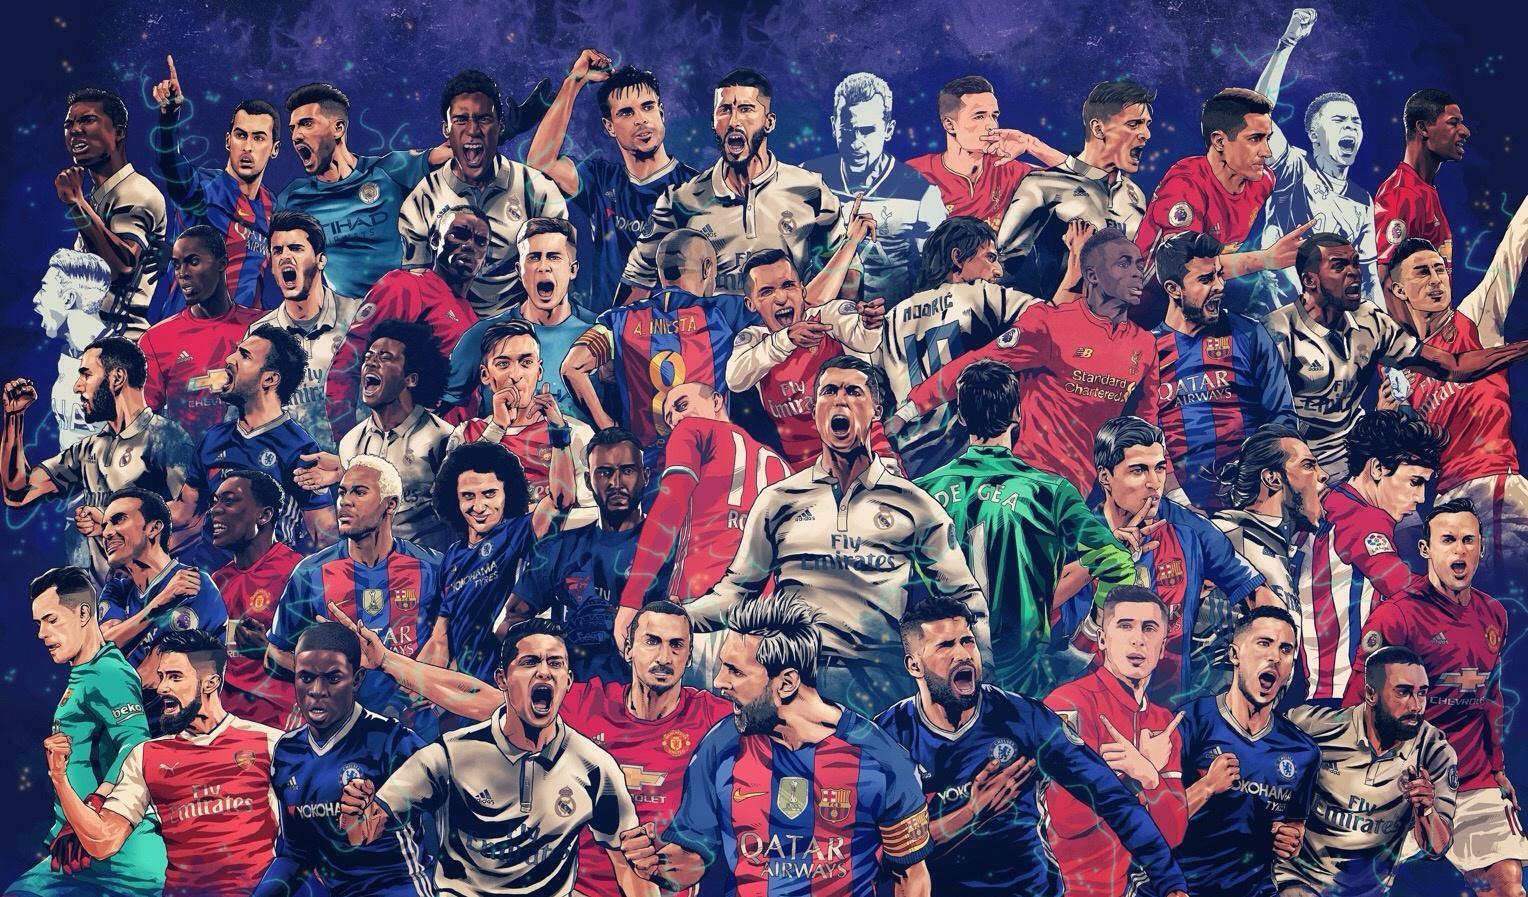 央视退出欧冠及西甲转播是好是坏?你愿意付费看足球赛吗?